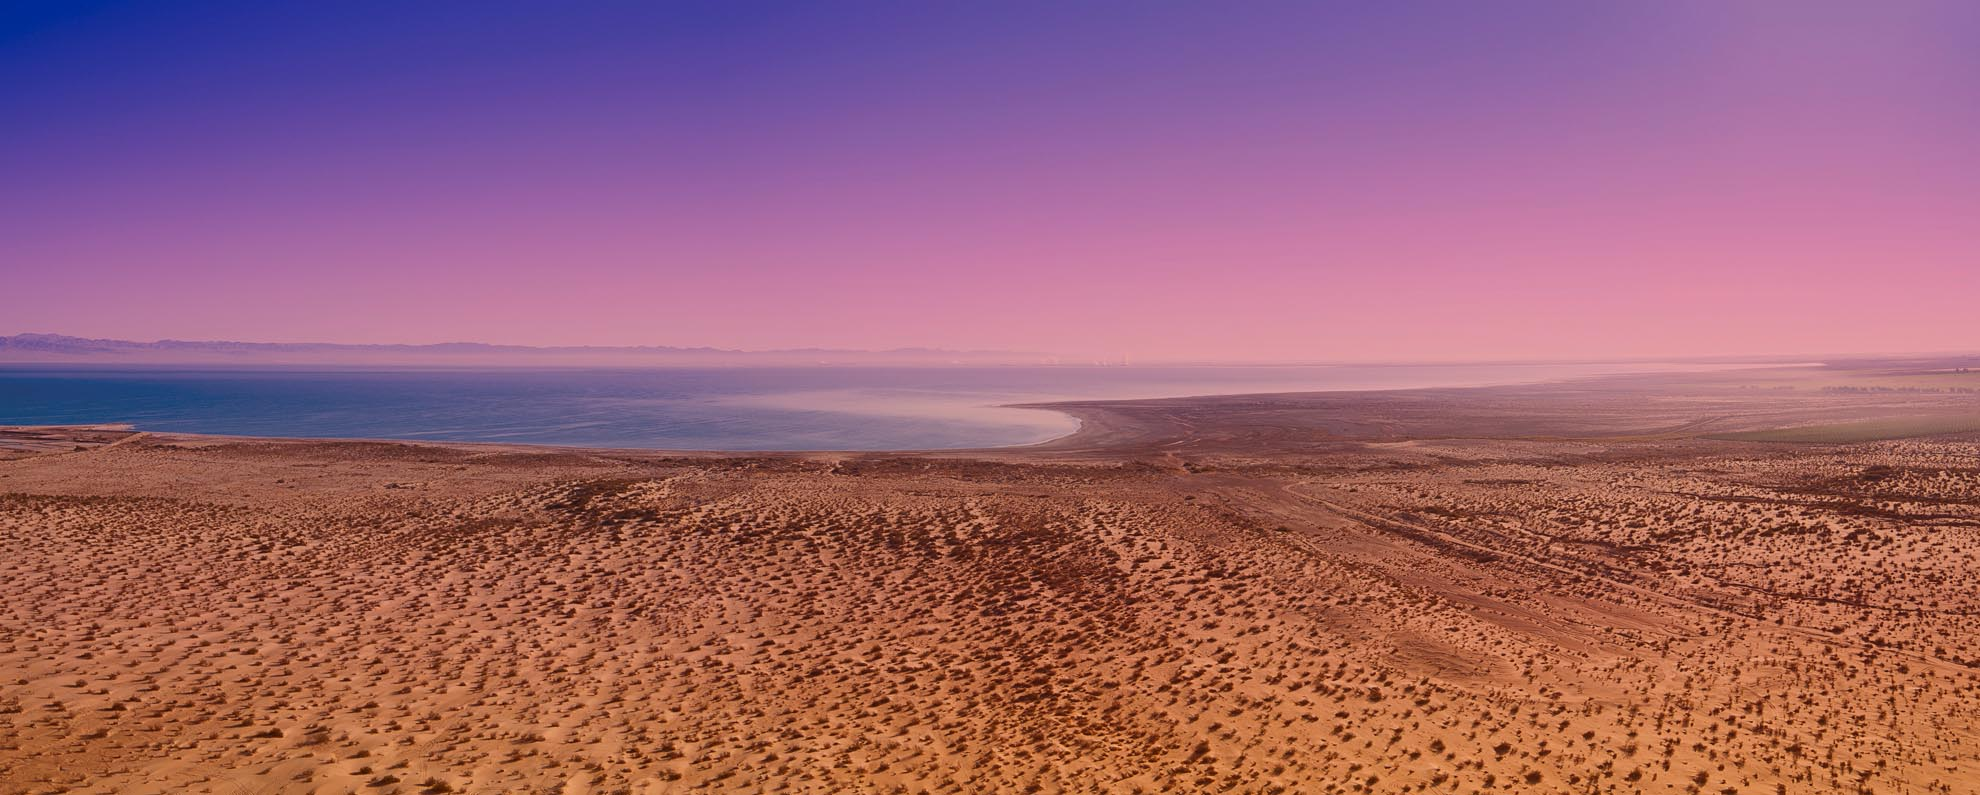 Drone Photograph of Salton Sea California